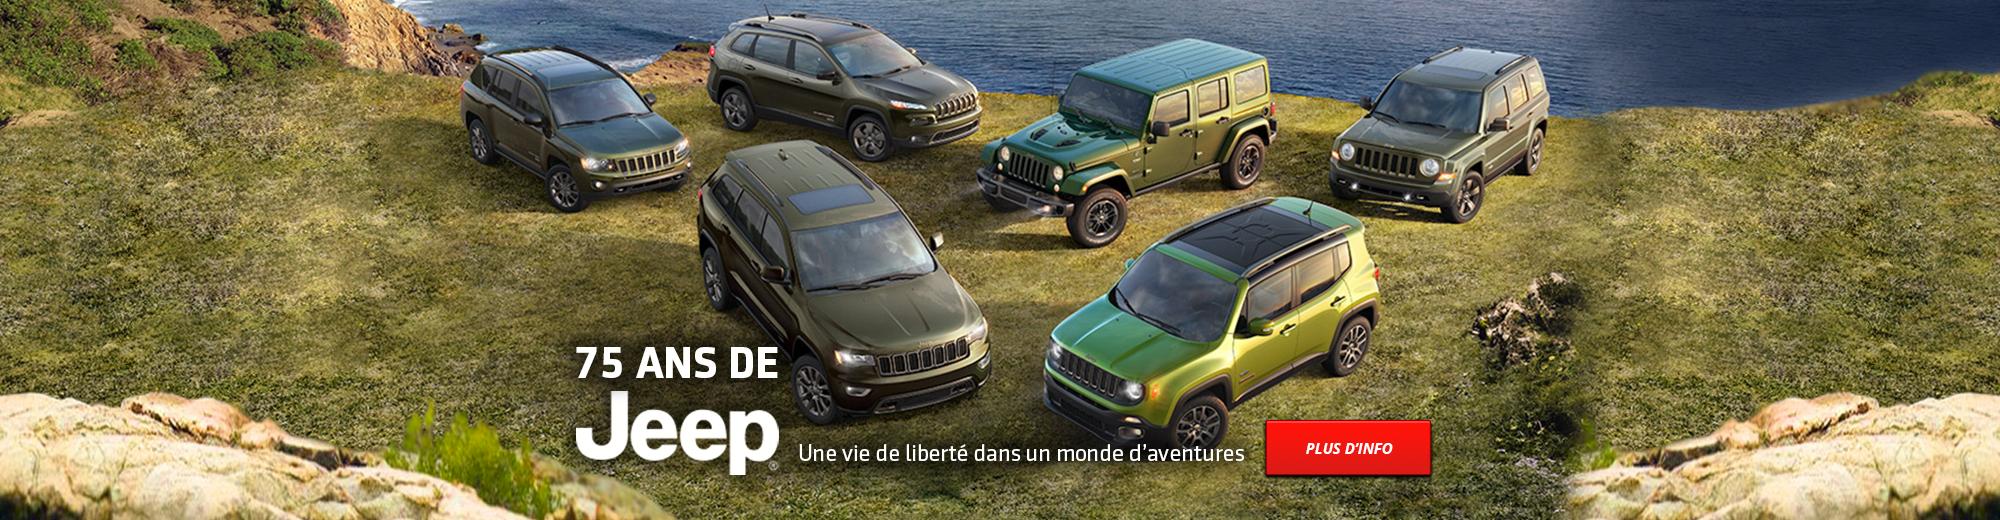 75 ans de Jeep | Une vie de liberté dans un monde d'aventures